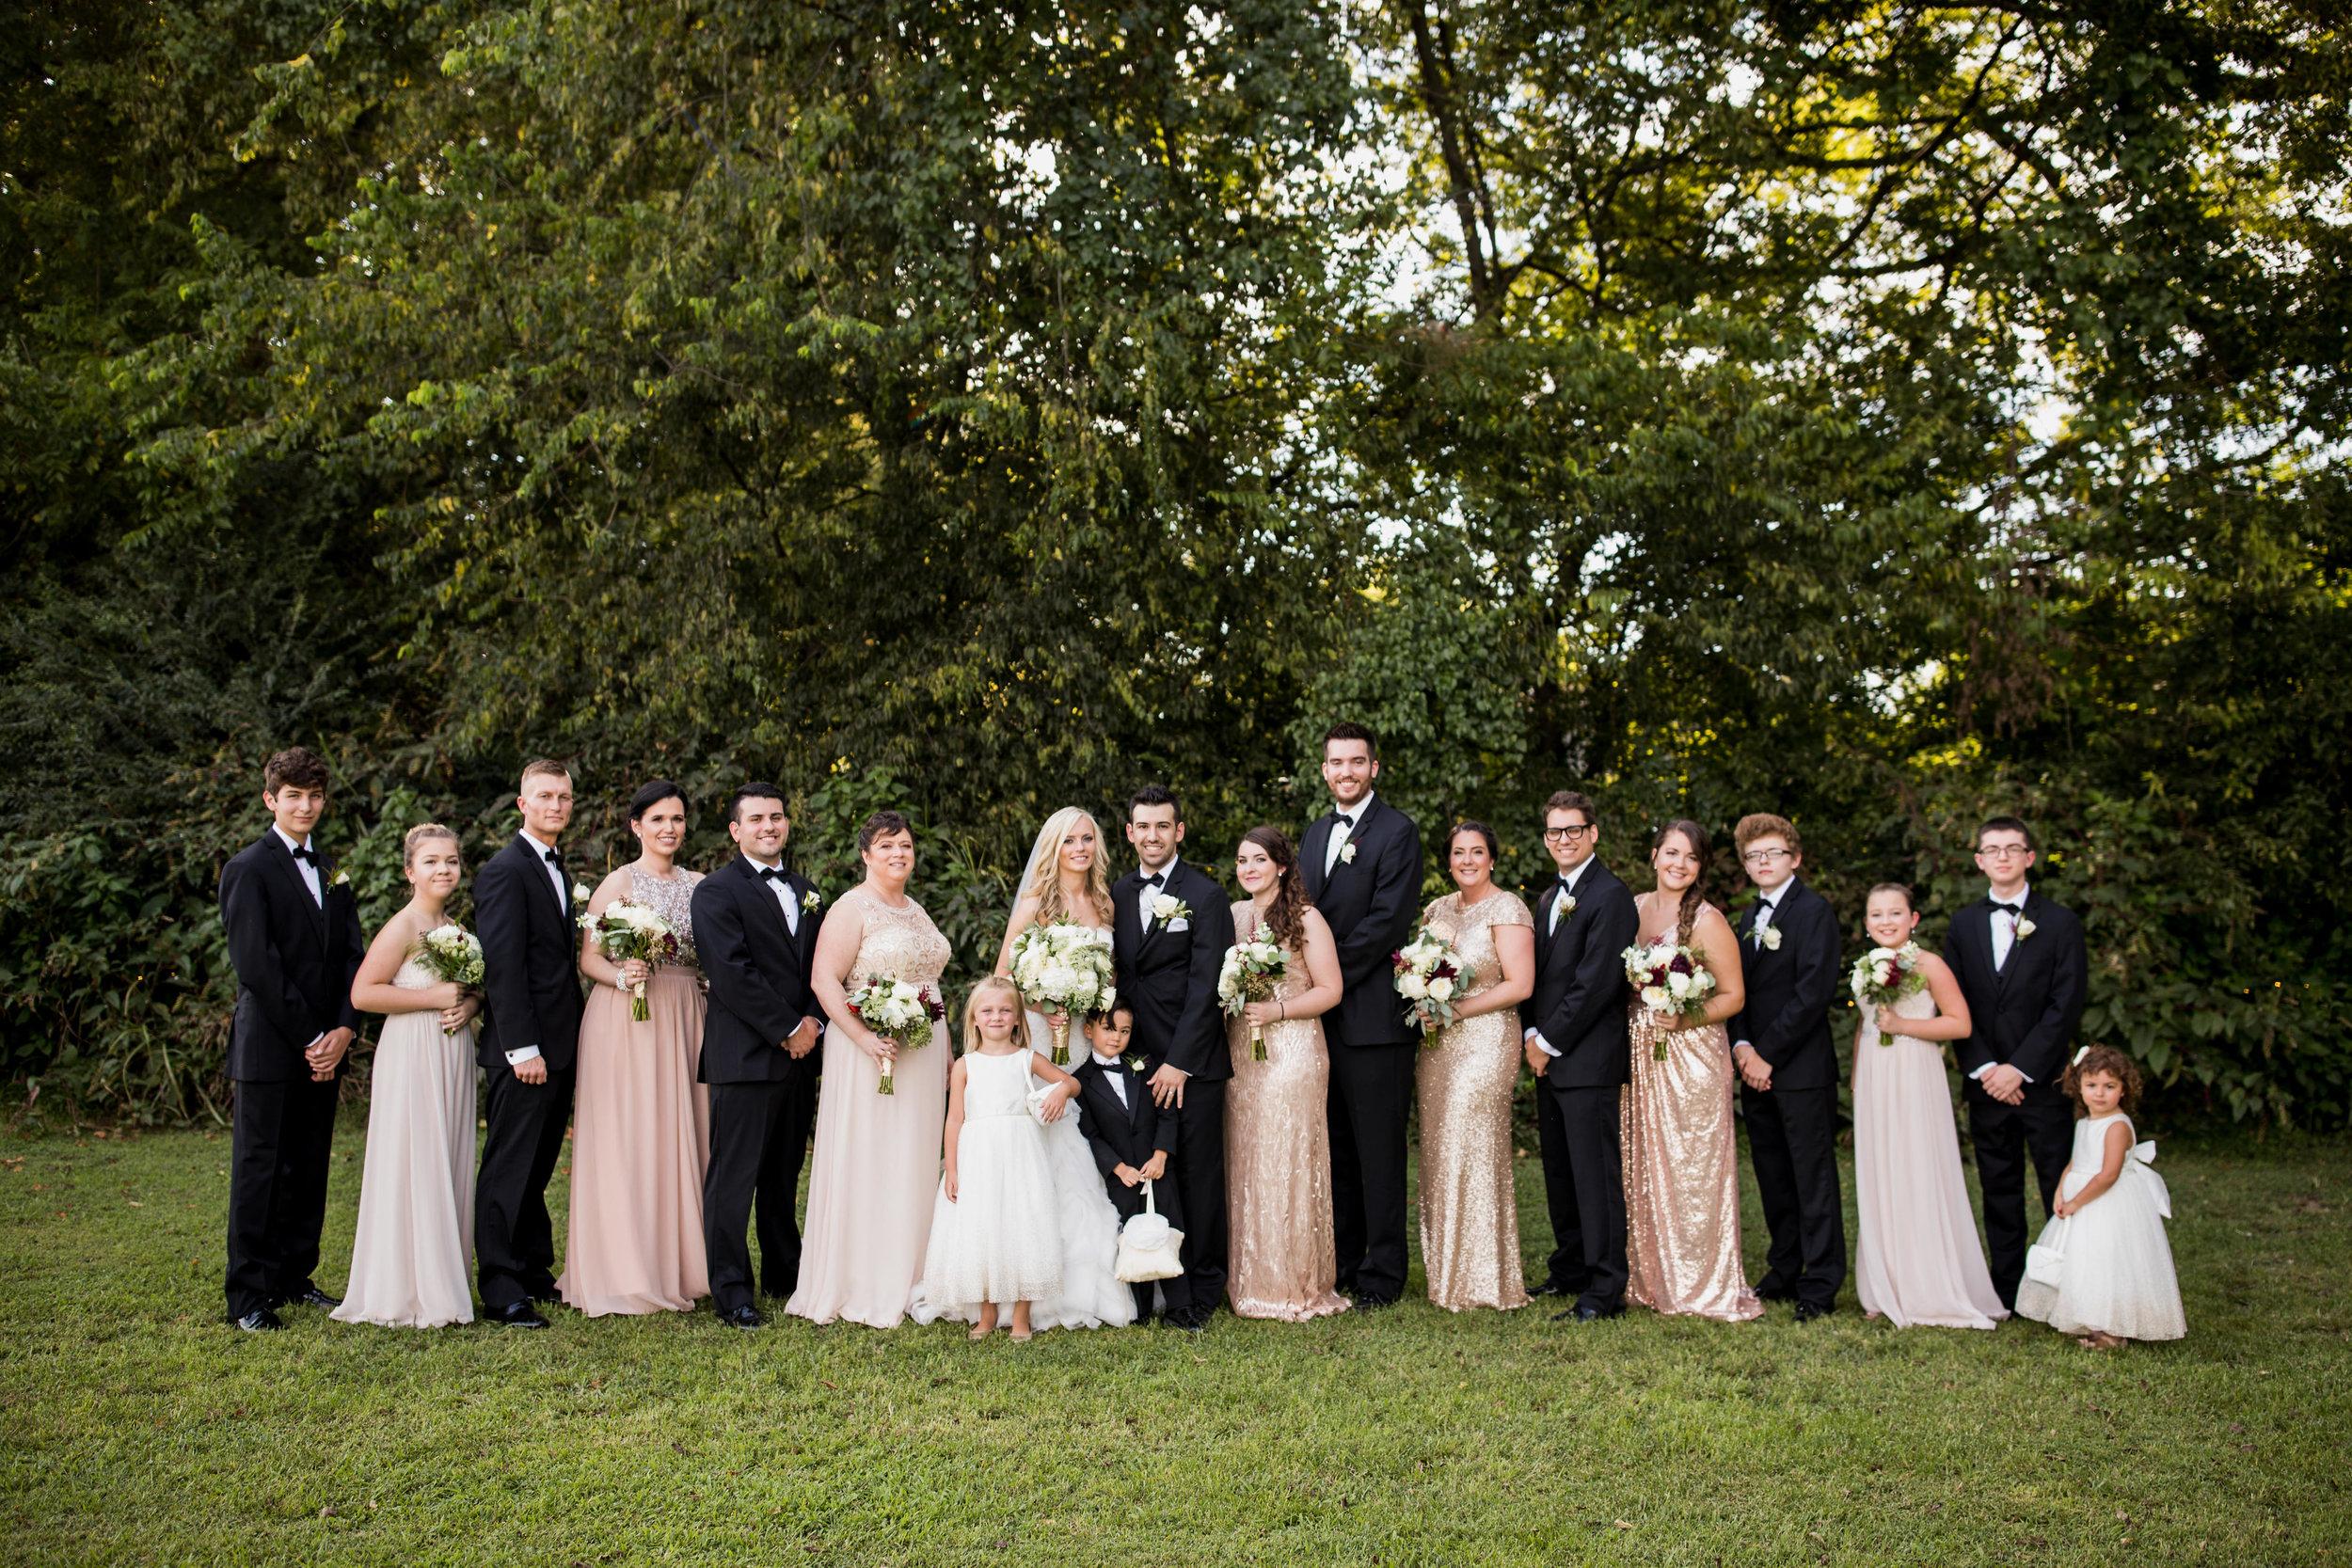 Meadow-Hill-Farm-Wedding 24.jpg